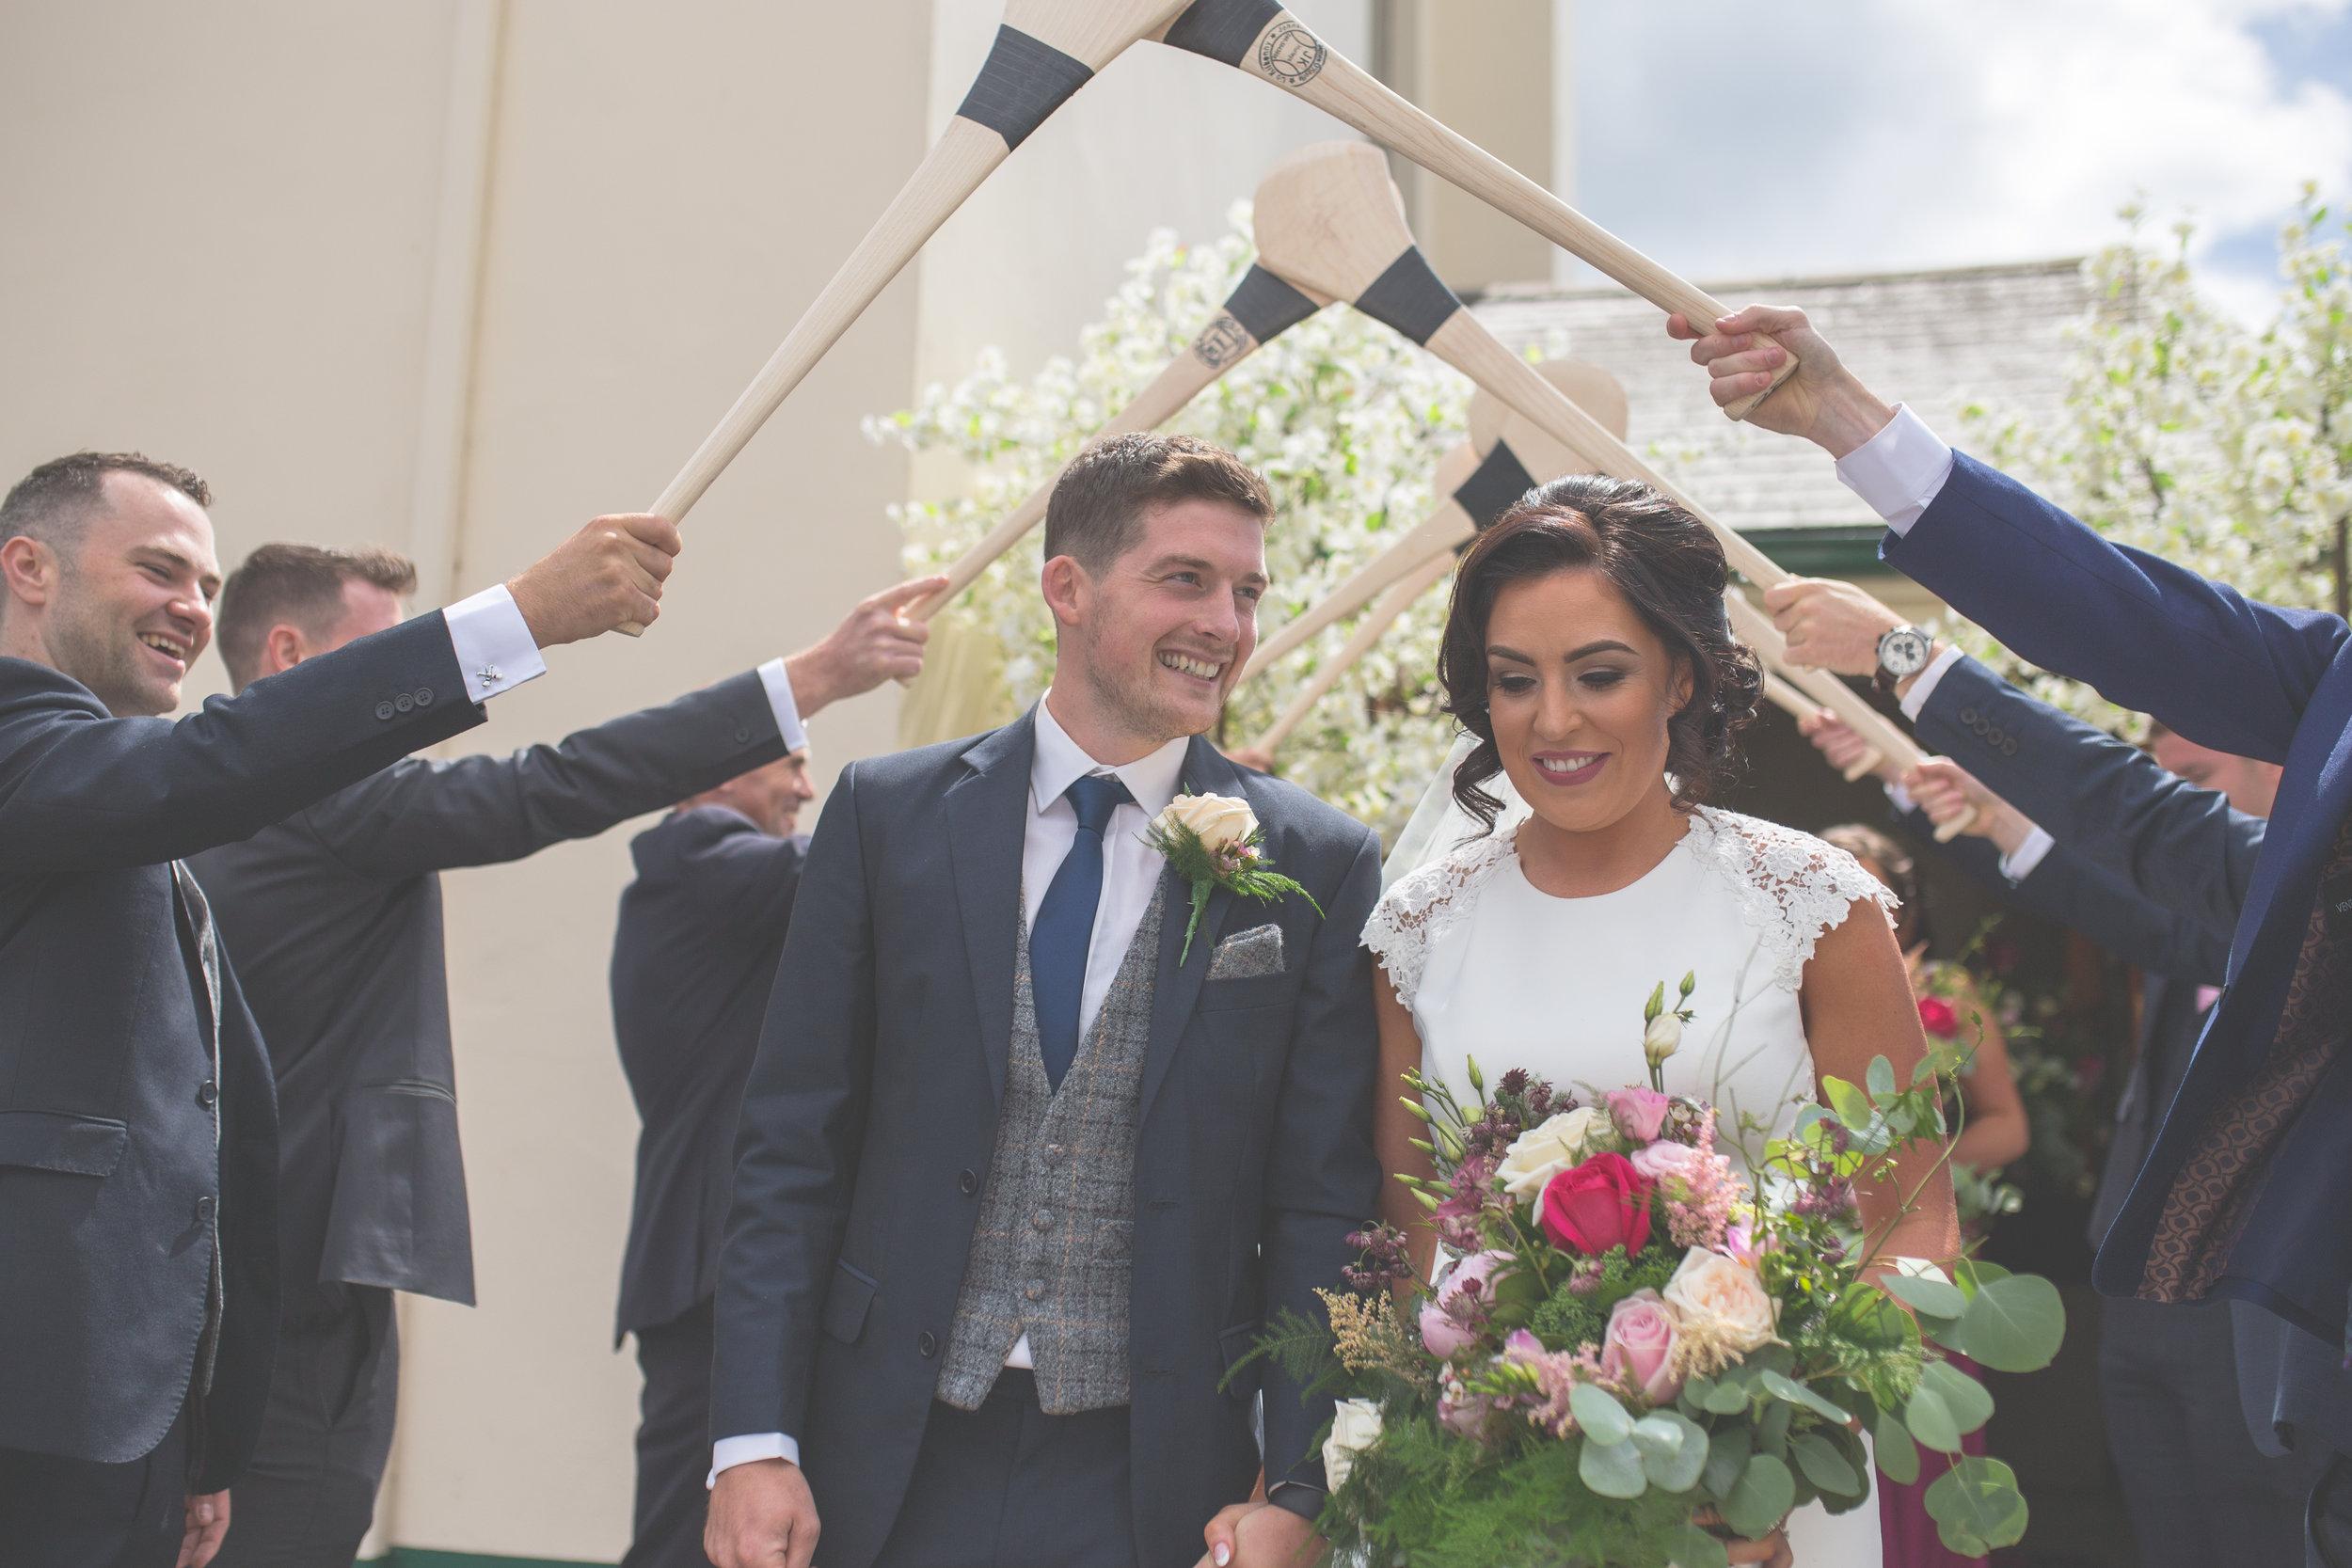 Brian McEwan Wedding Photography   Carol-Anne & Sean   The Ceremony-87.jpg